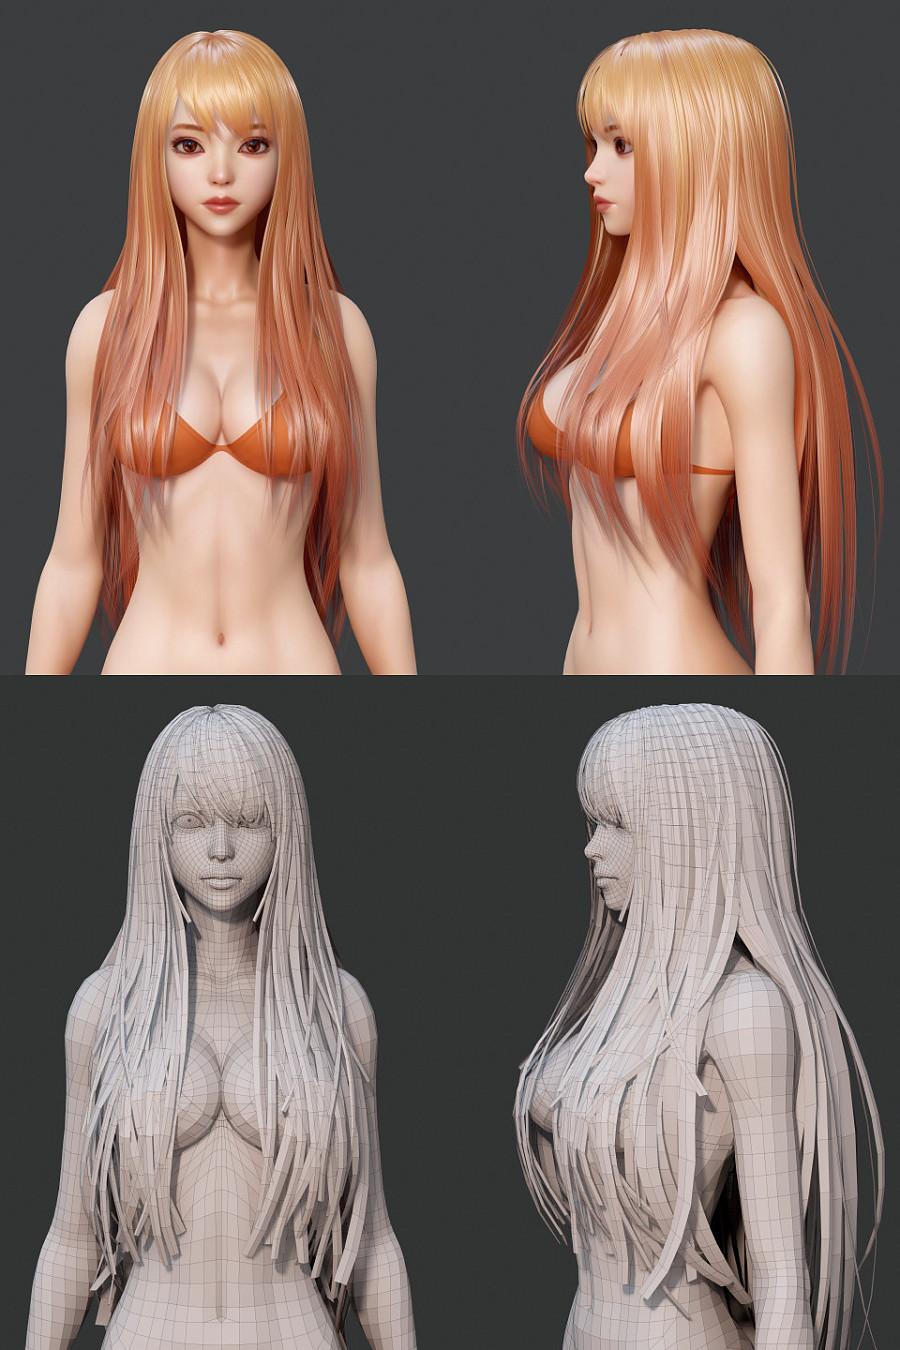 查看《 日韩风魅力角色《暗黑天使奥利维亚》》原图,原图尺寸:960x1440